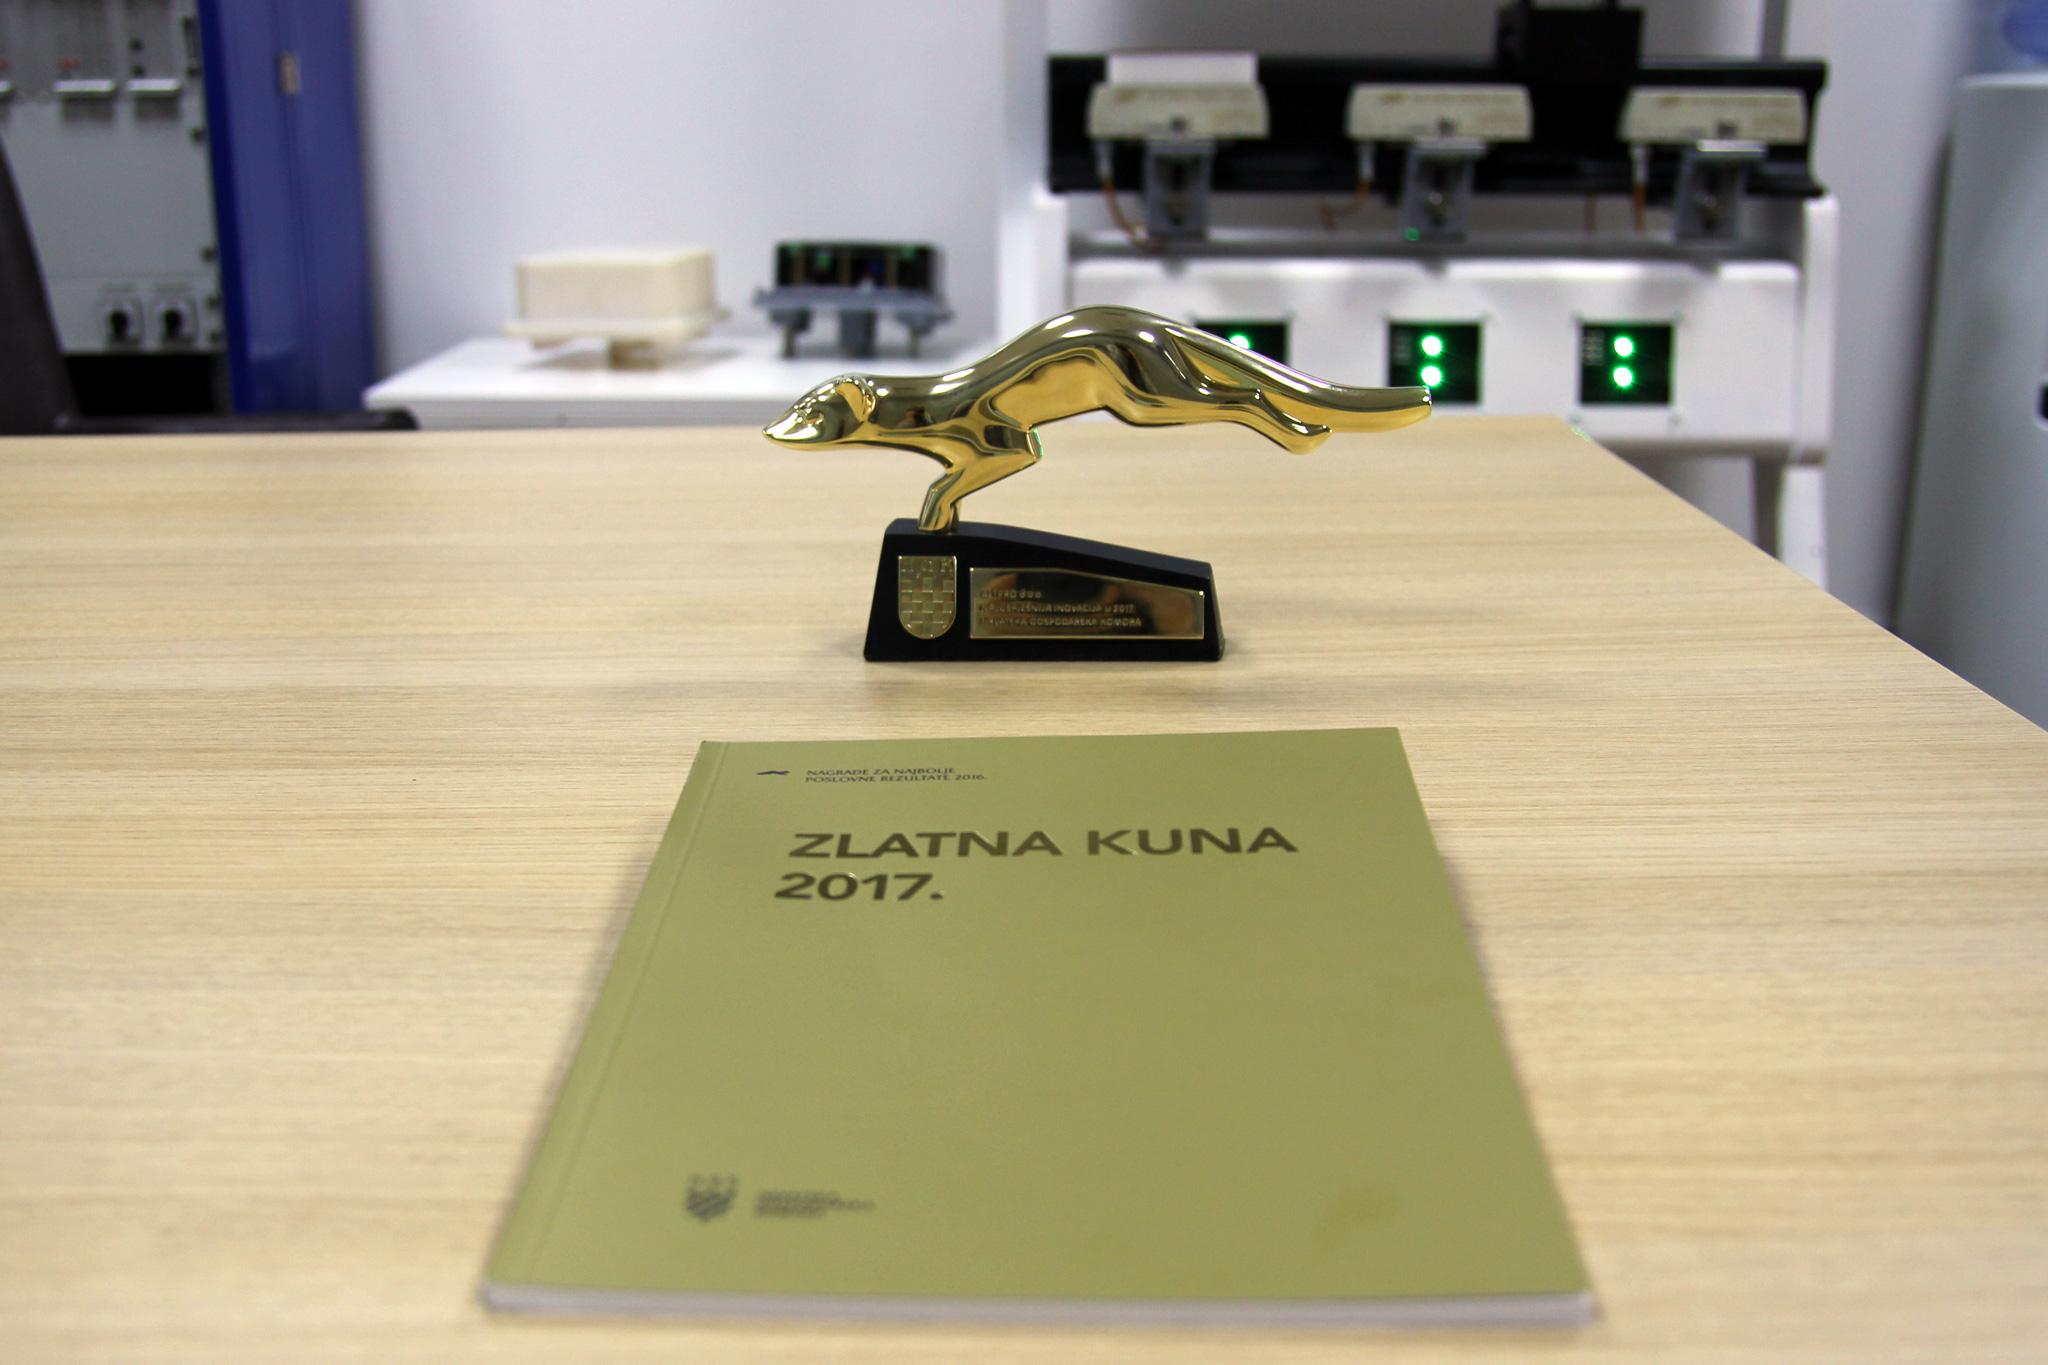 Zlatna-kuna-Altpro-2017